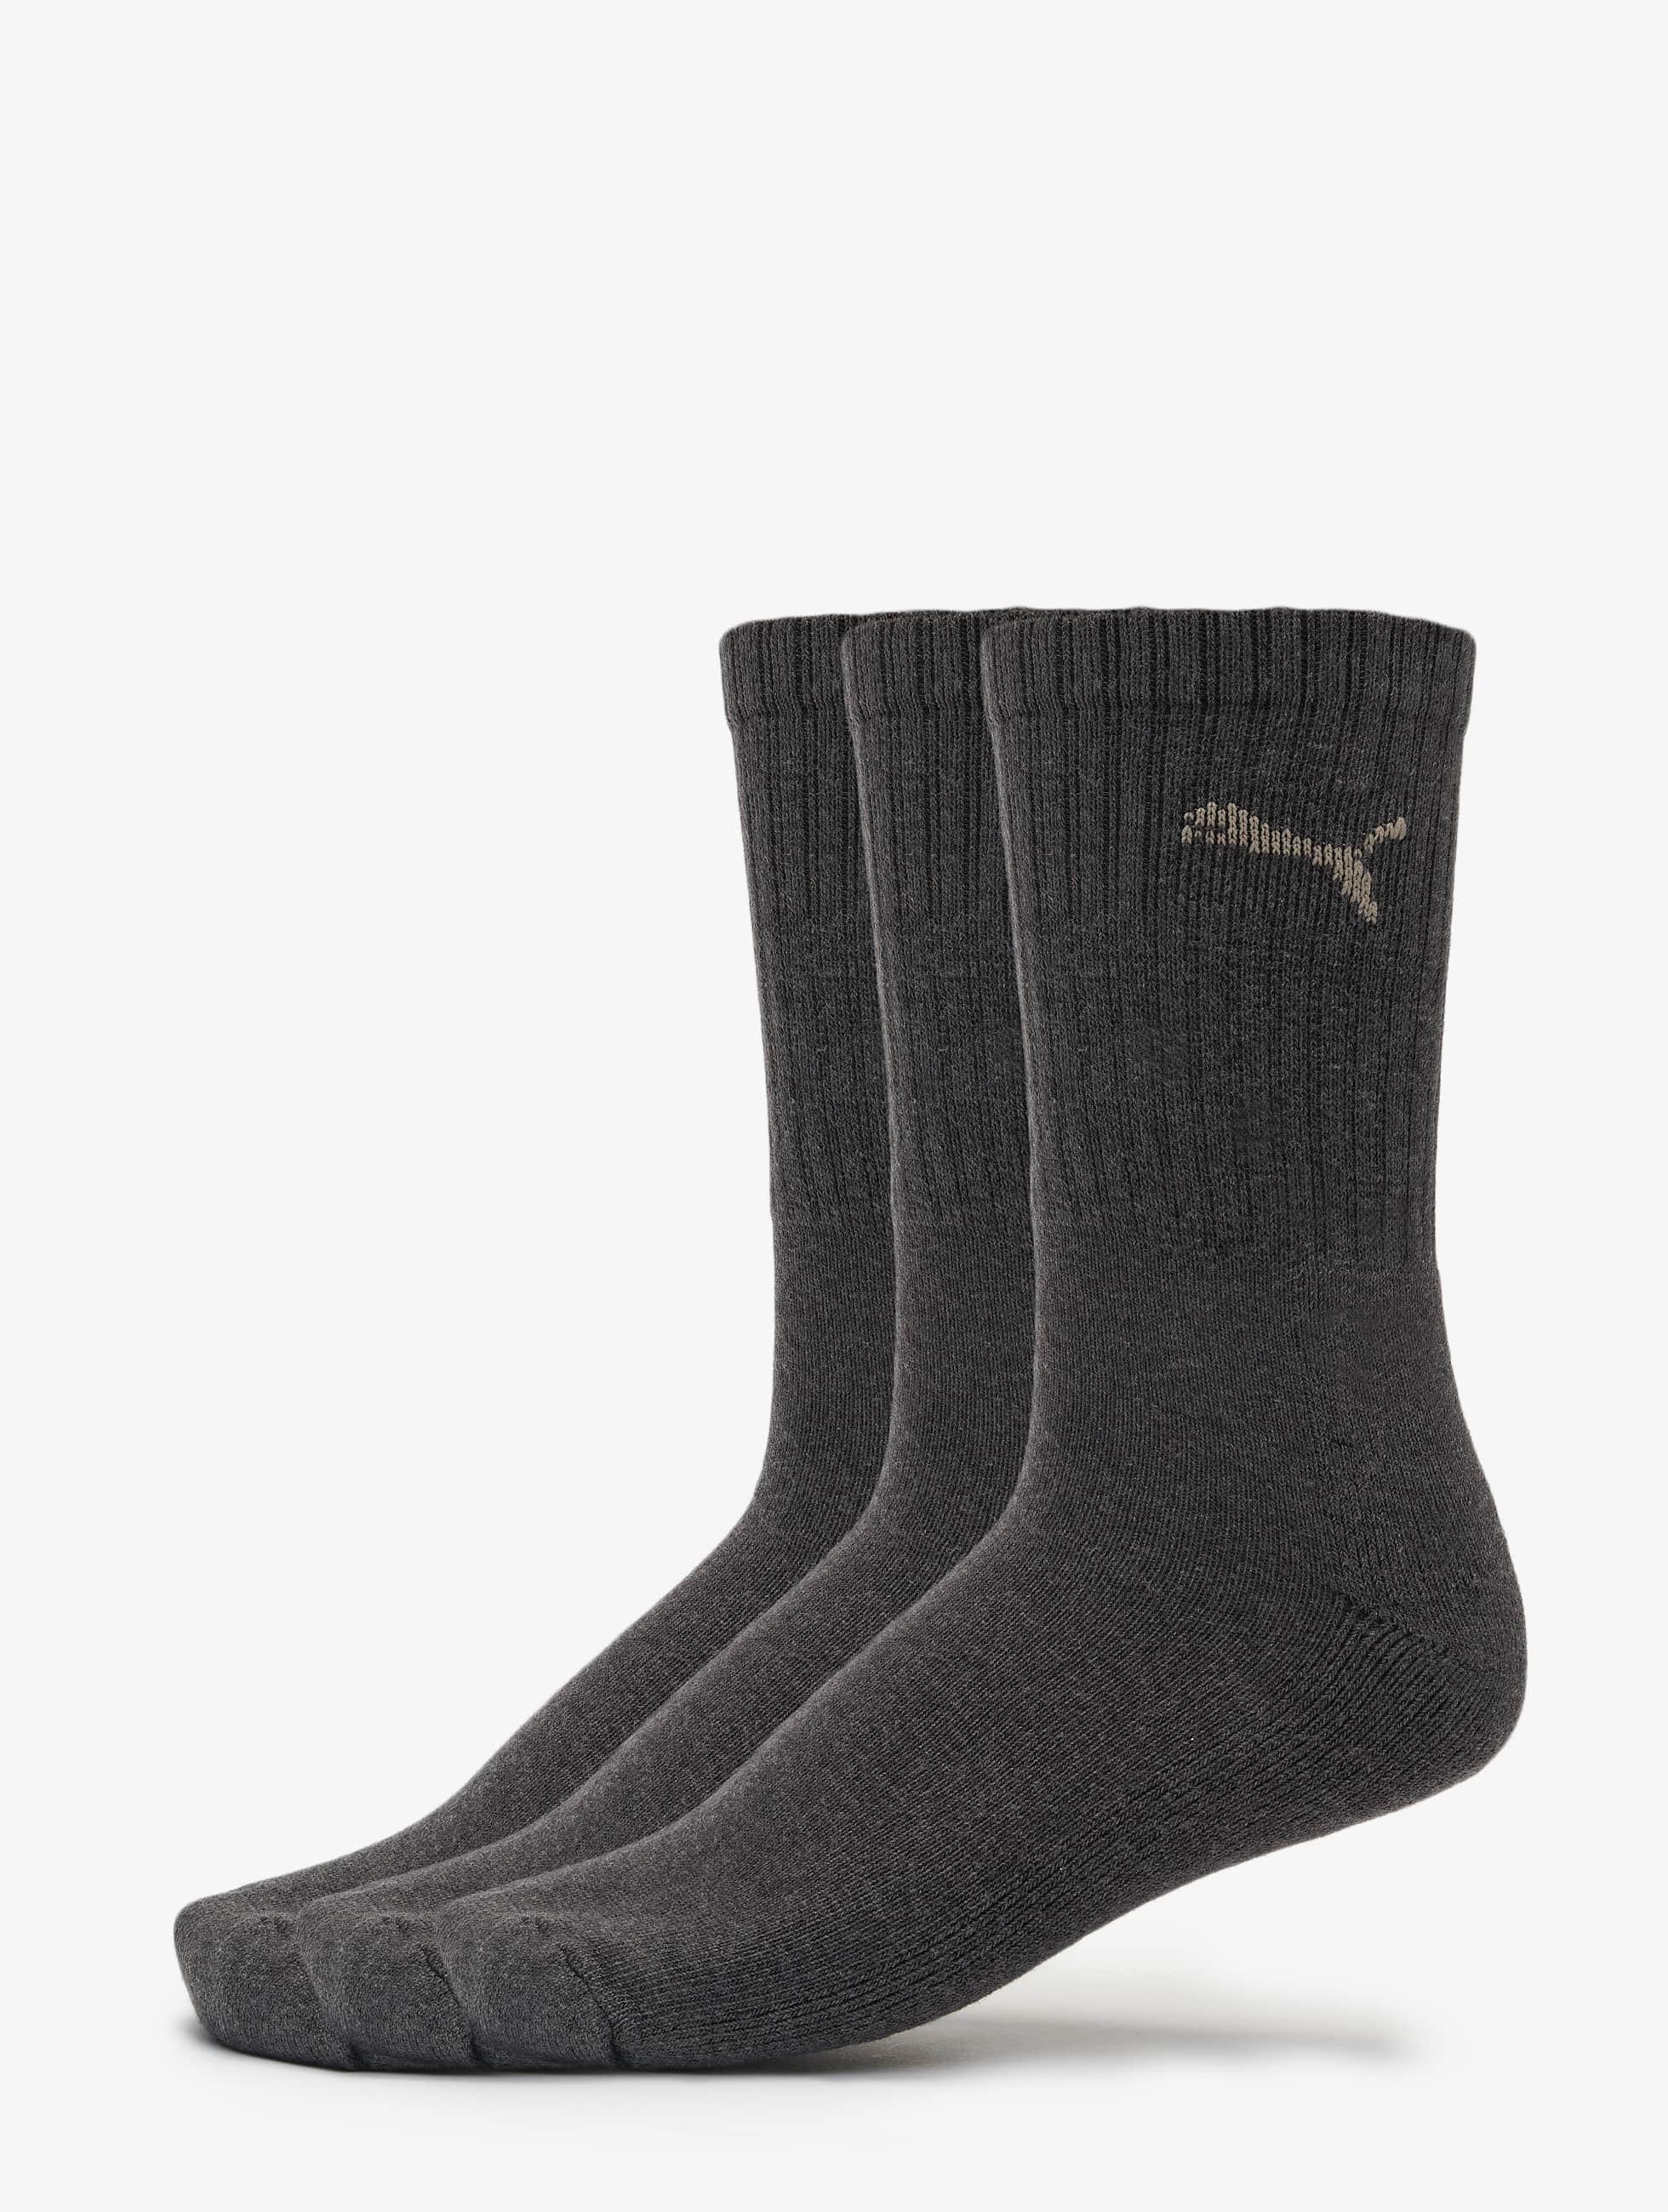 Puma Männer,Frauen Socken 3-Pack Sport in grau